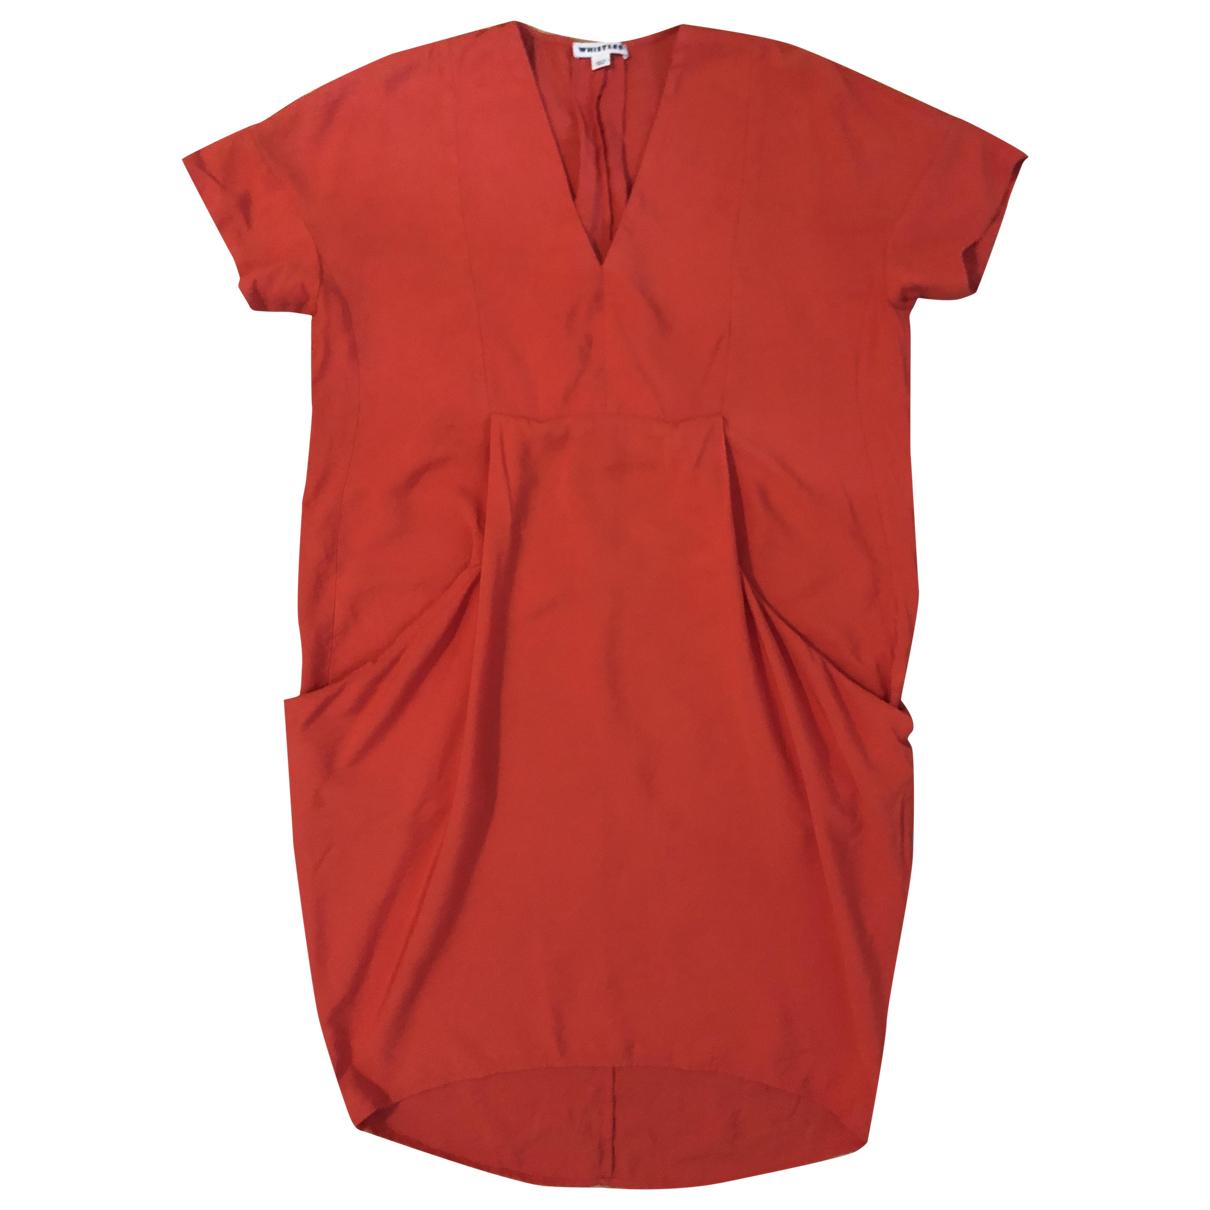 Whistles \N Red dress for Women 8 UK